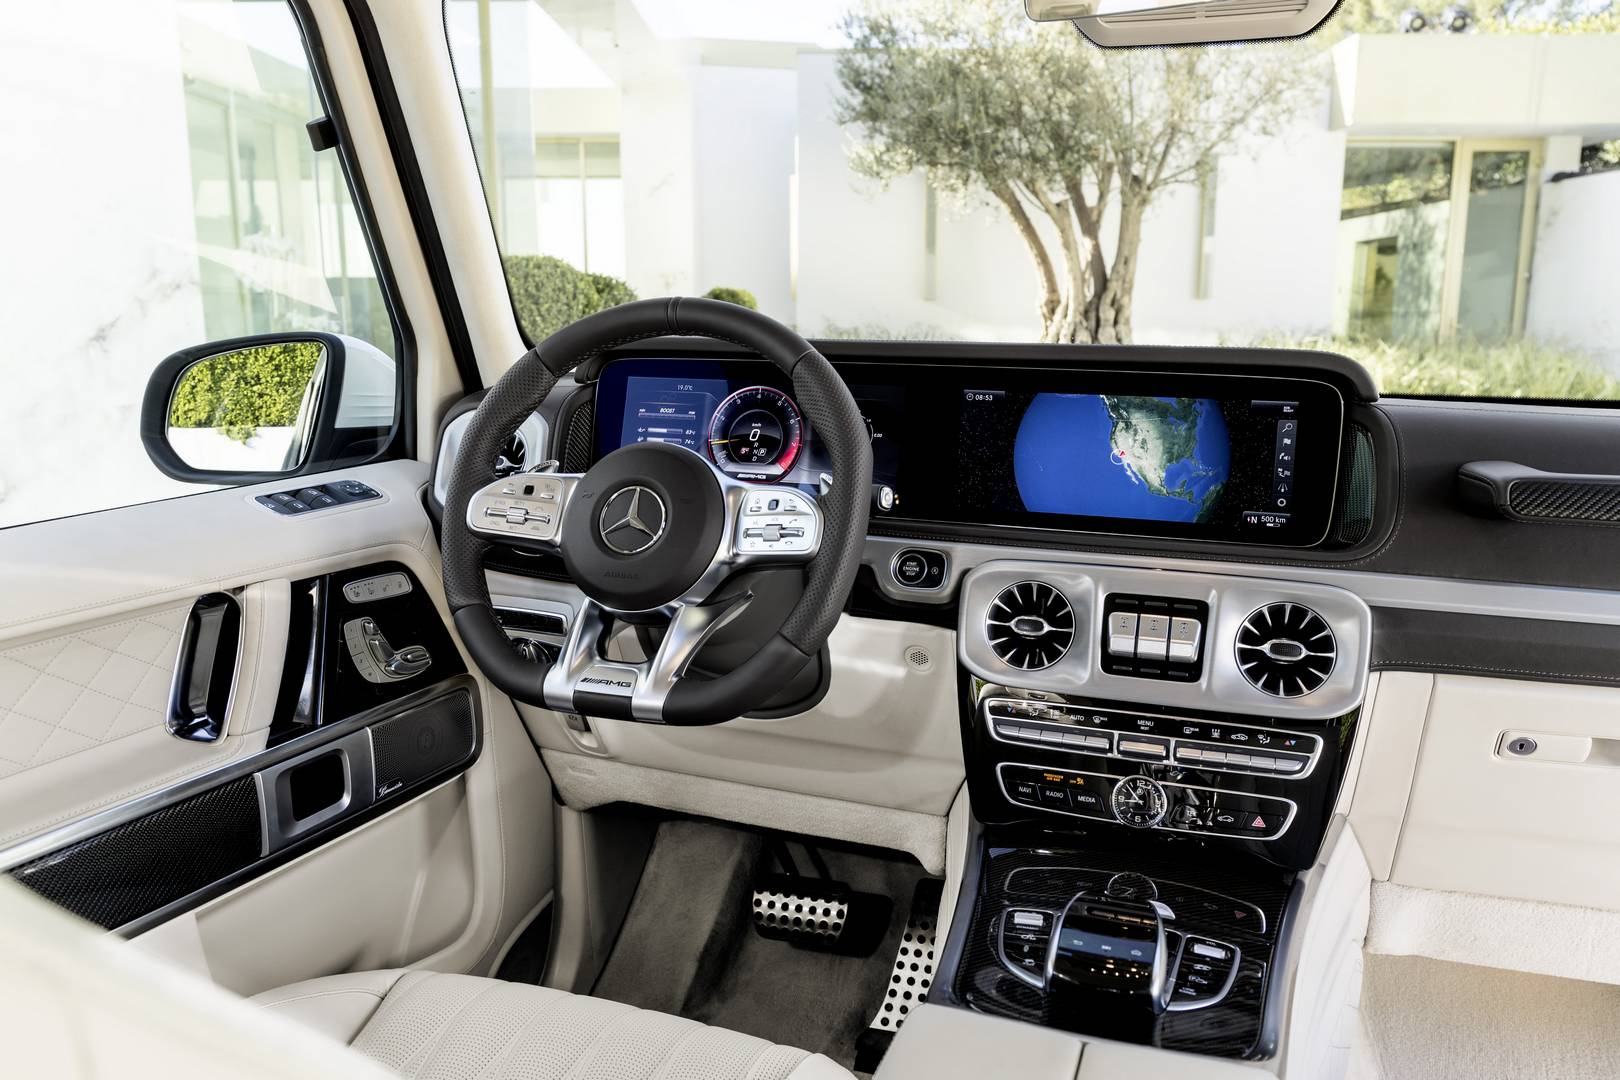 Визуального AMG G 63 получил новую решетку радиатора, который слегка открывается снизу. Колесные арки стали шире, а размеры колес теперь доступны вплоть до 22 дюймов; с огромными колесами этот G-Wagen будет выглядеть как в каком-нибудь модном хип-хоп